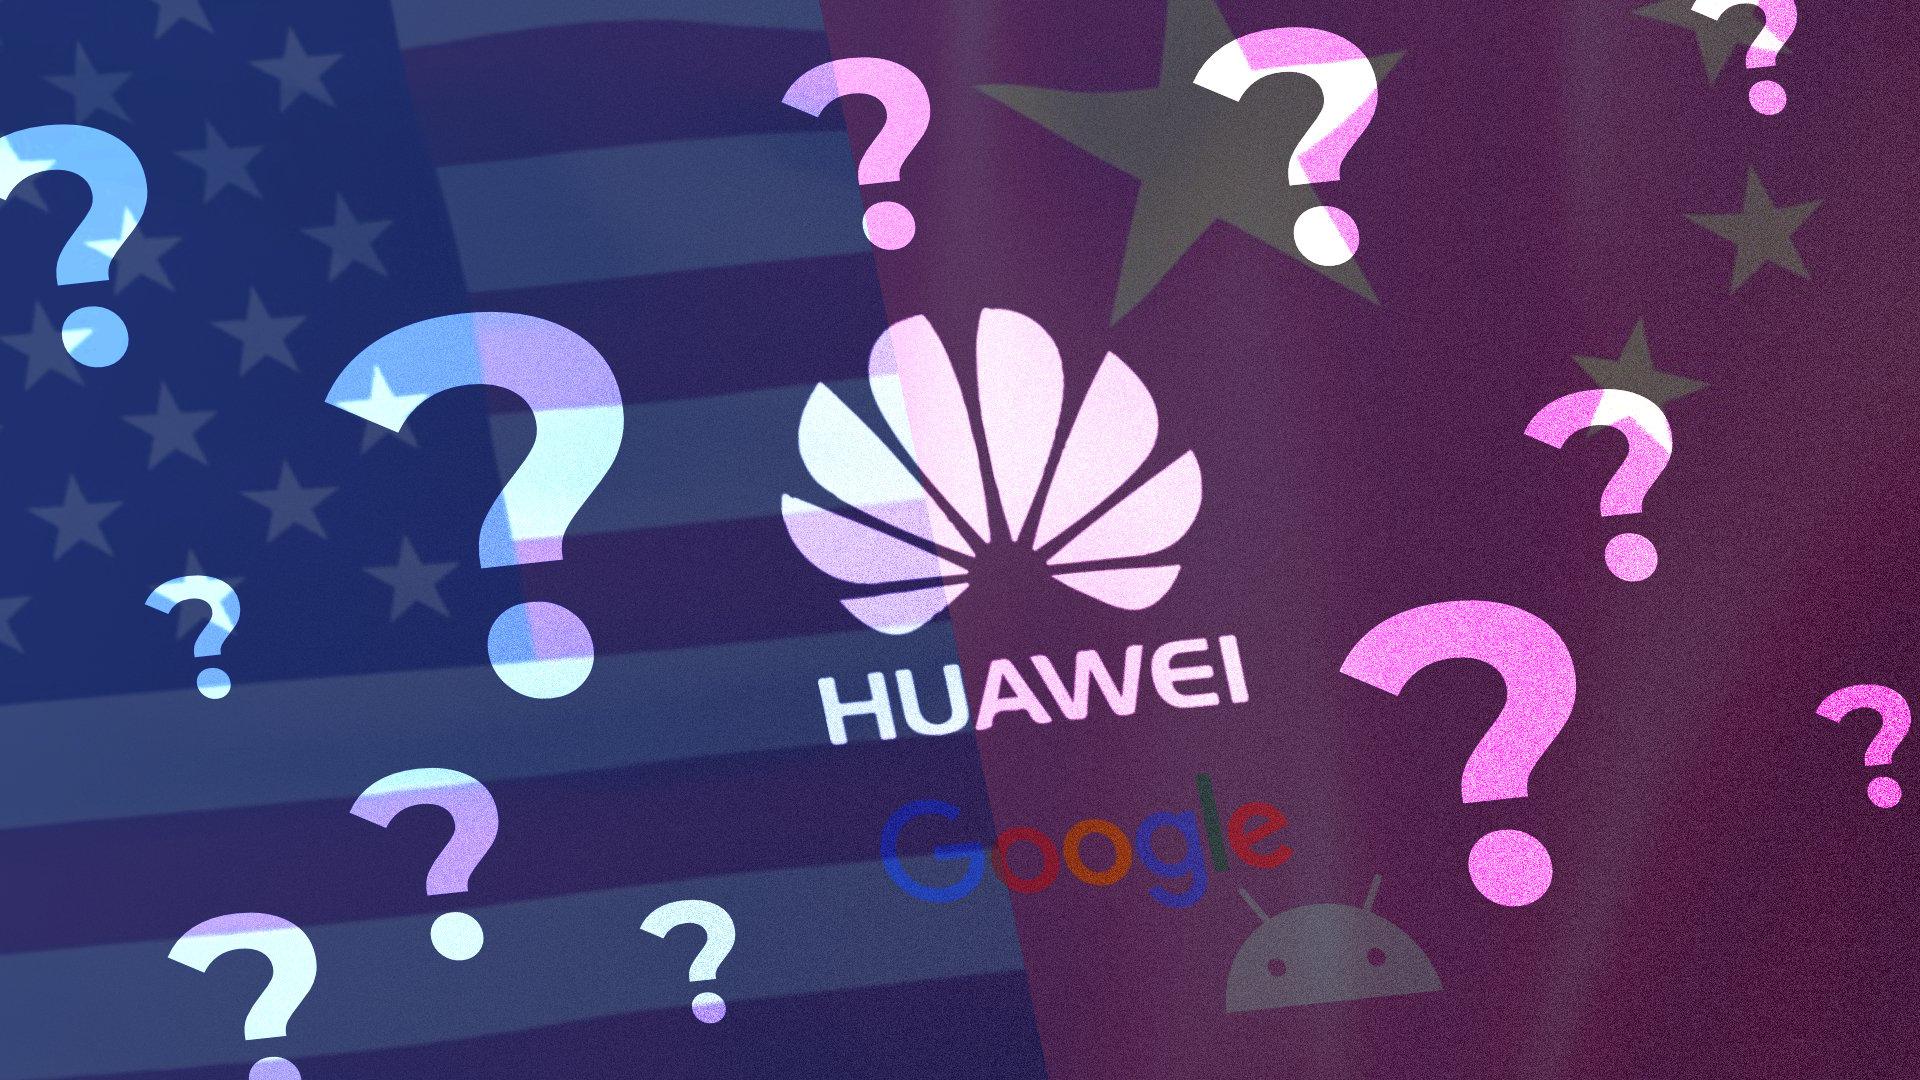 Huawei, Android, Google et les États-Unis: toutes les réponses à vos questions